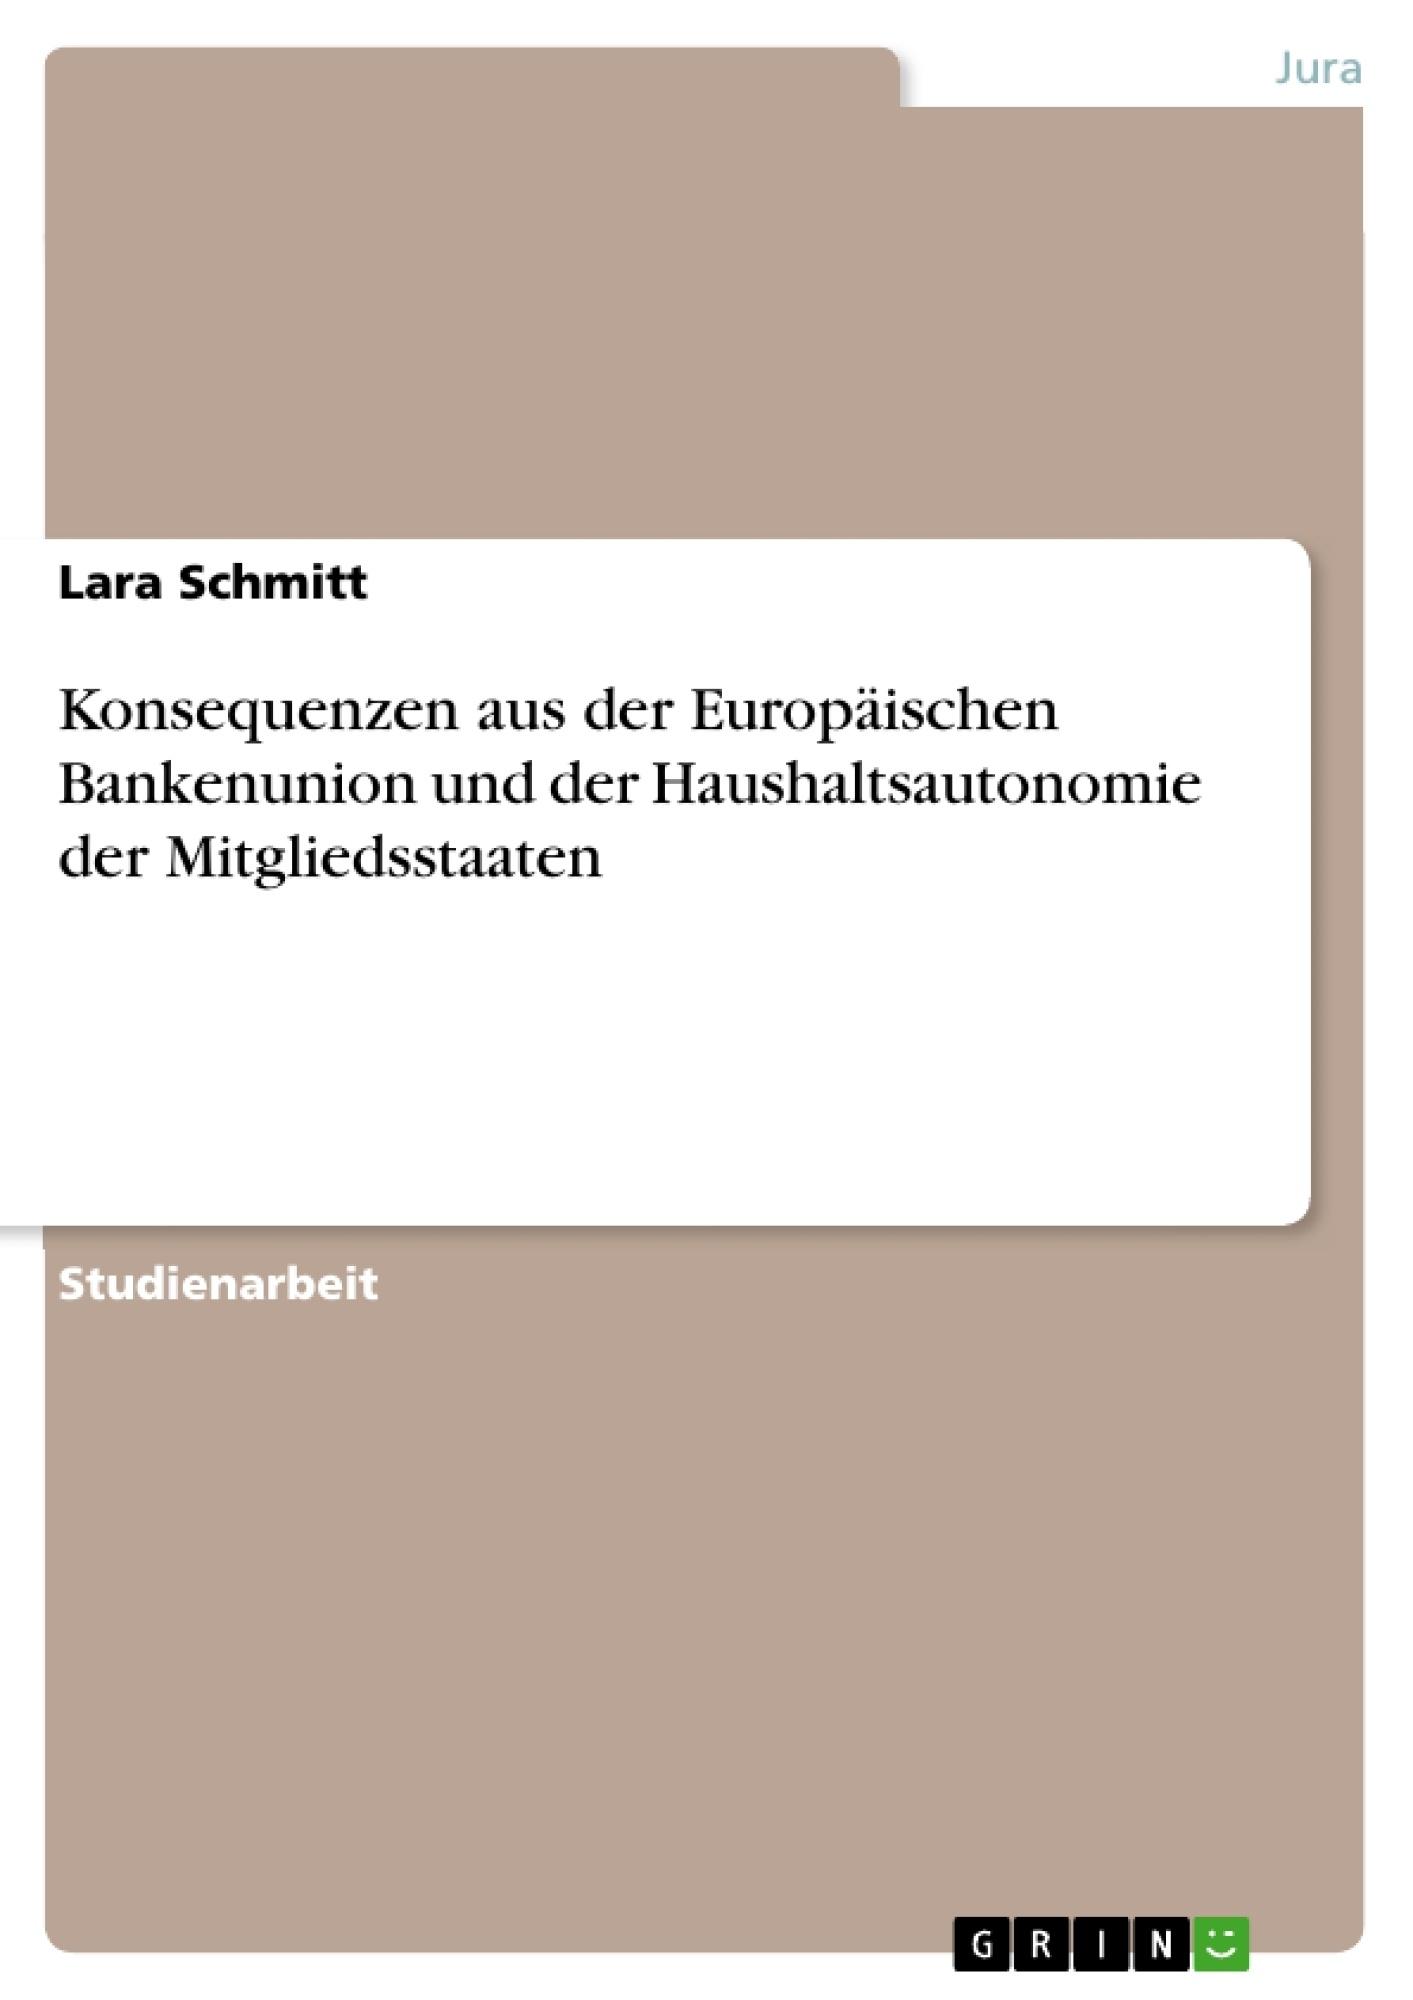 Titel: Konsequenzen aus der Europäischen Bankenunion und der Haushaltsautonomie der Mitgliedsstaaten